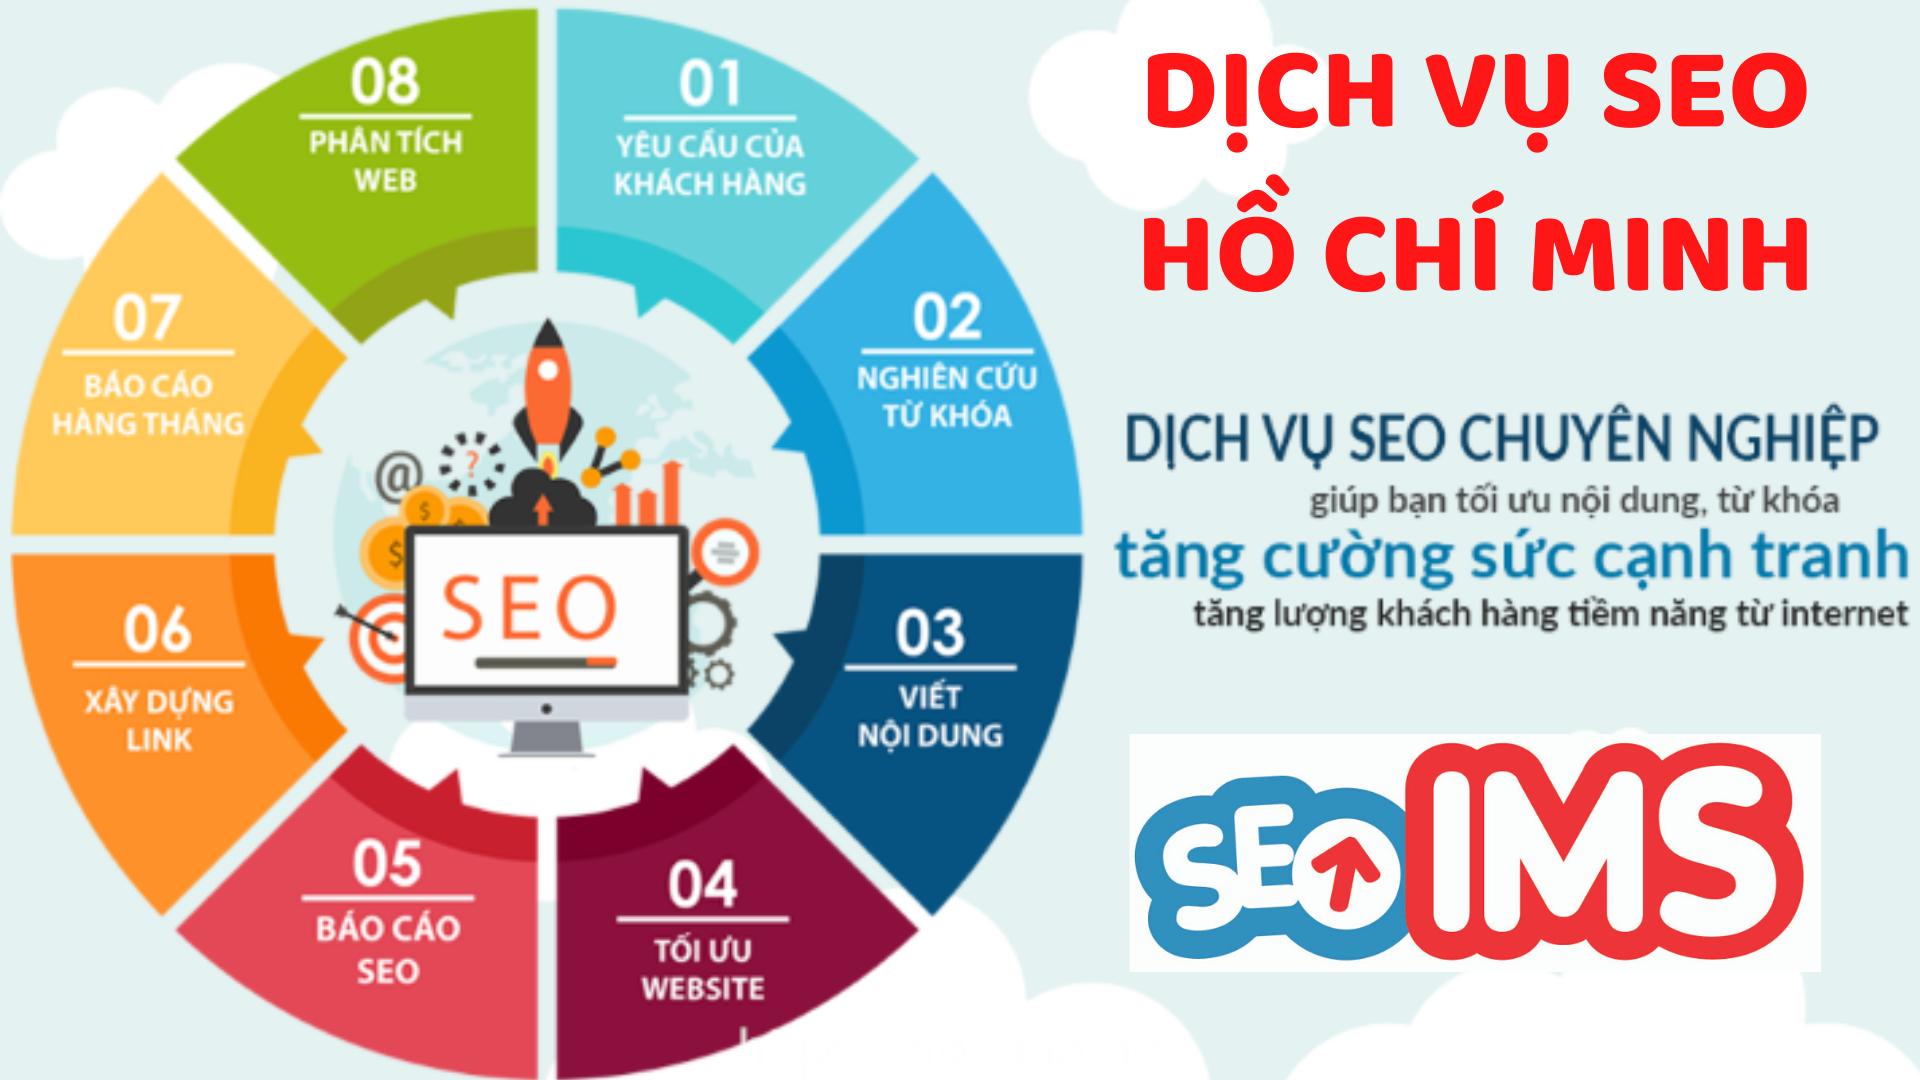 Dịch vụ seo Tp.hcm - Dịch vụ Seo HCM